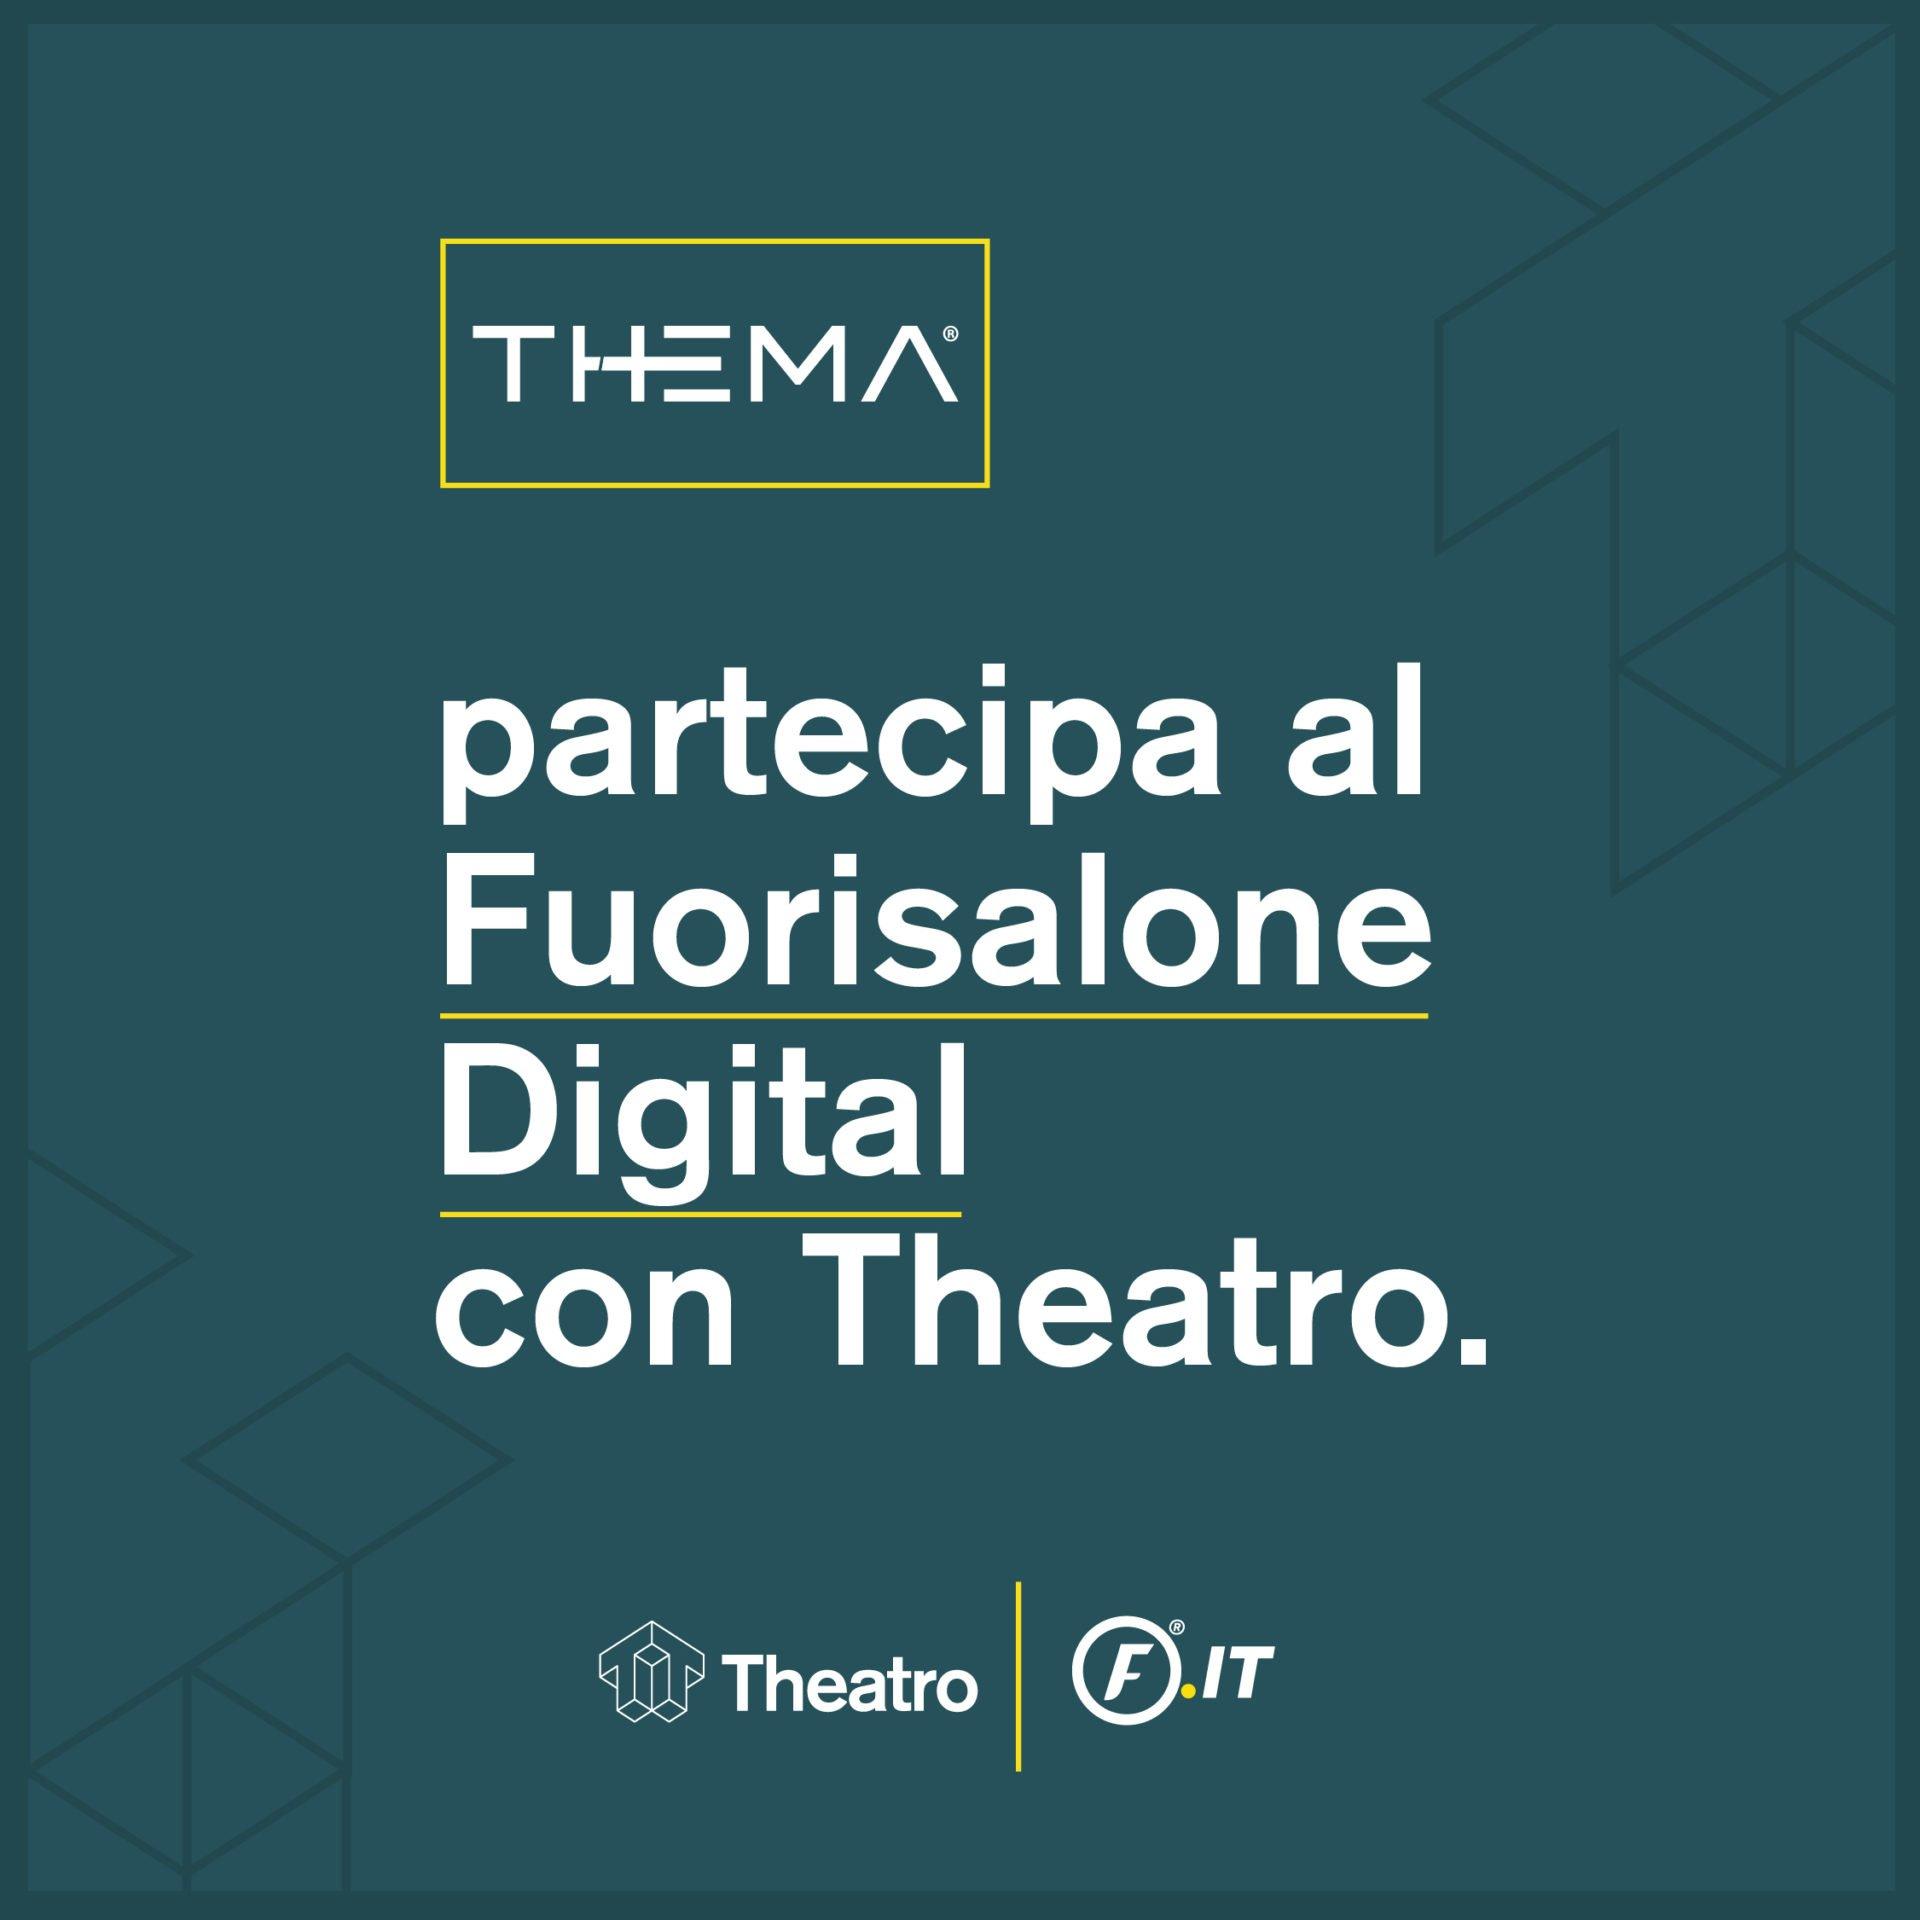 Thema partecipa al Fuorisalone Digital